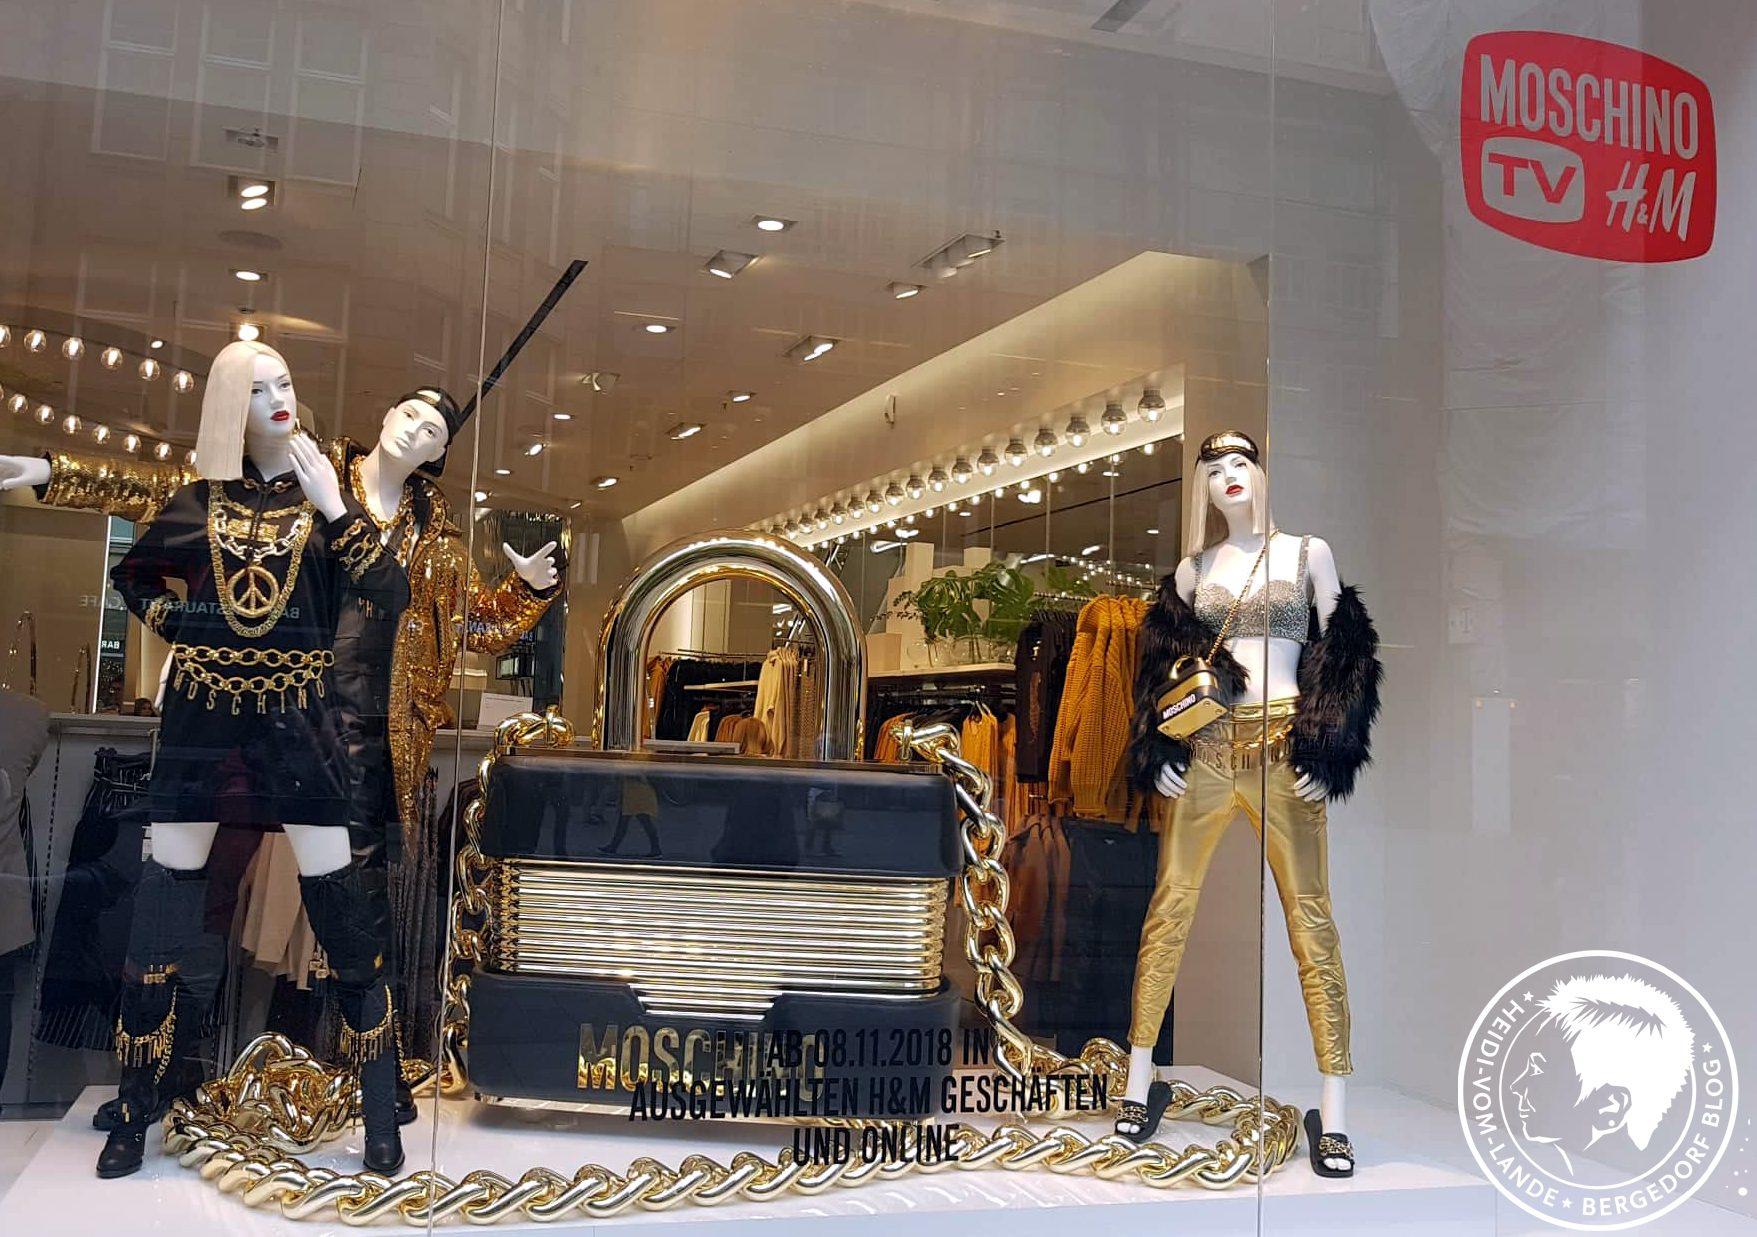 Designerkollektion von Moschino und H&M! - Bergedorf: Blog HEIDI VOM LANDE